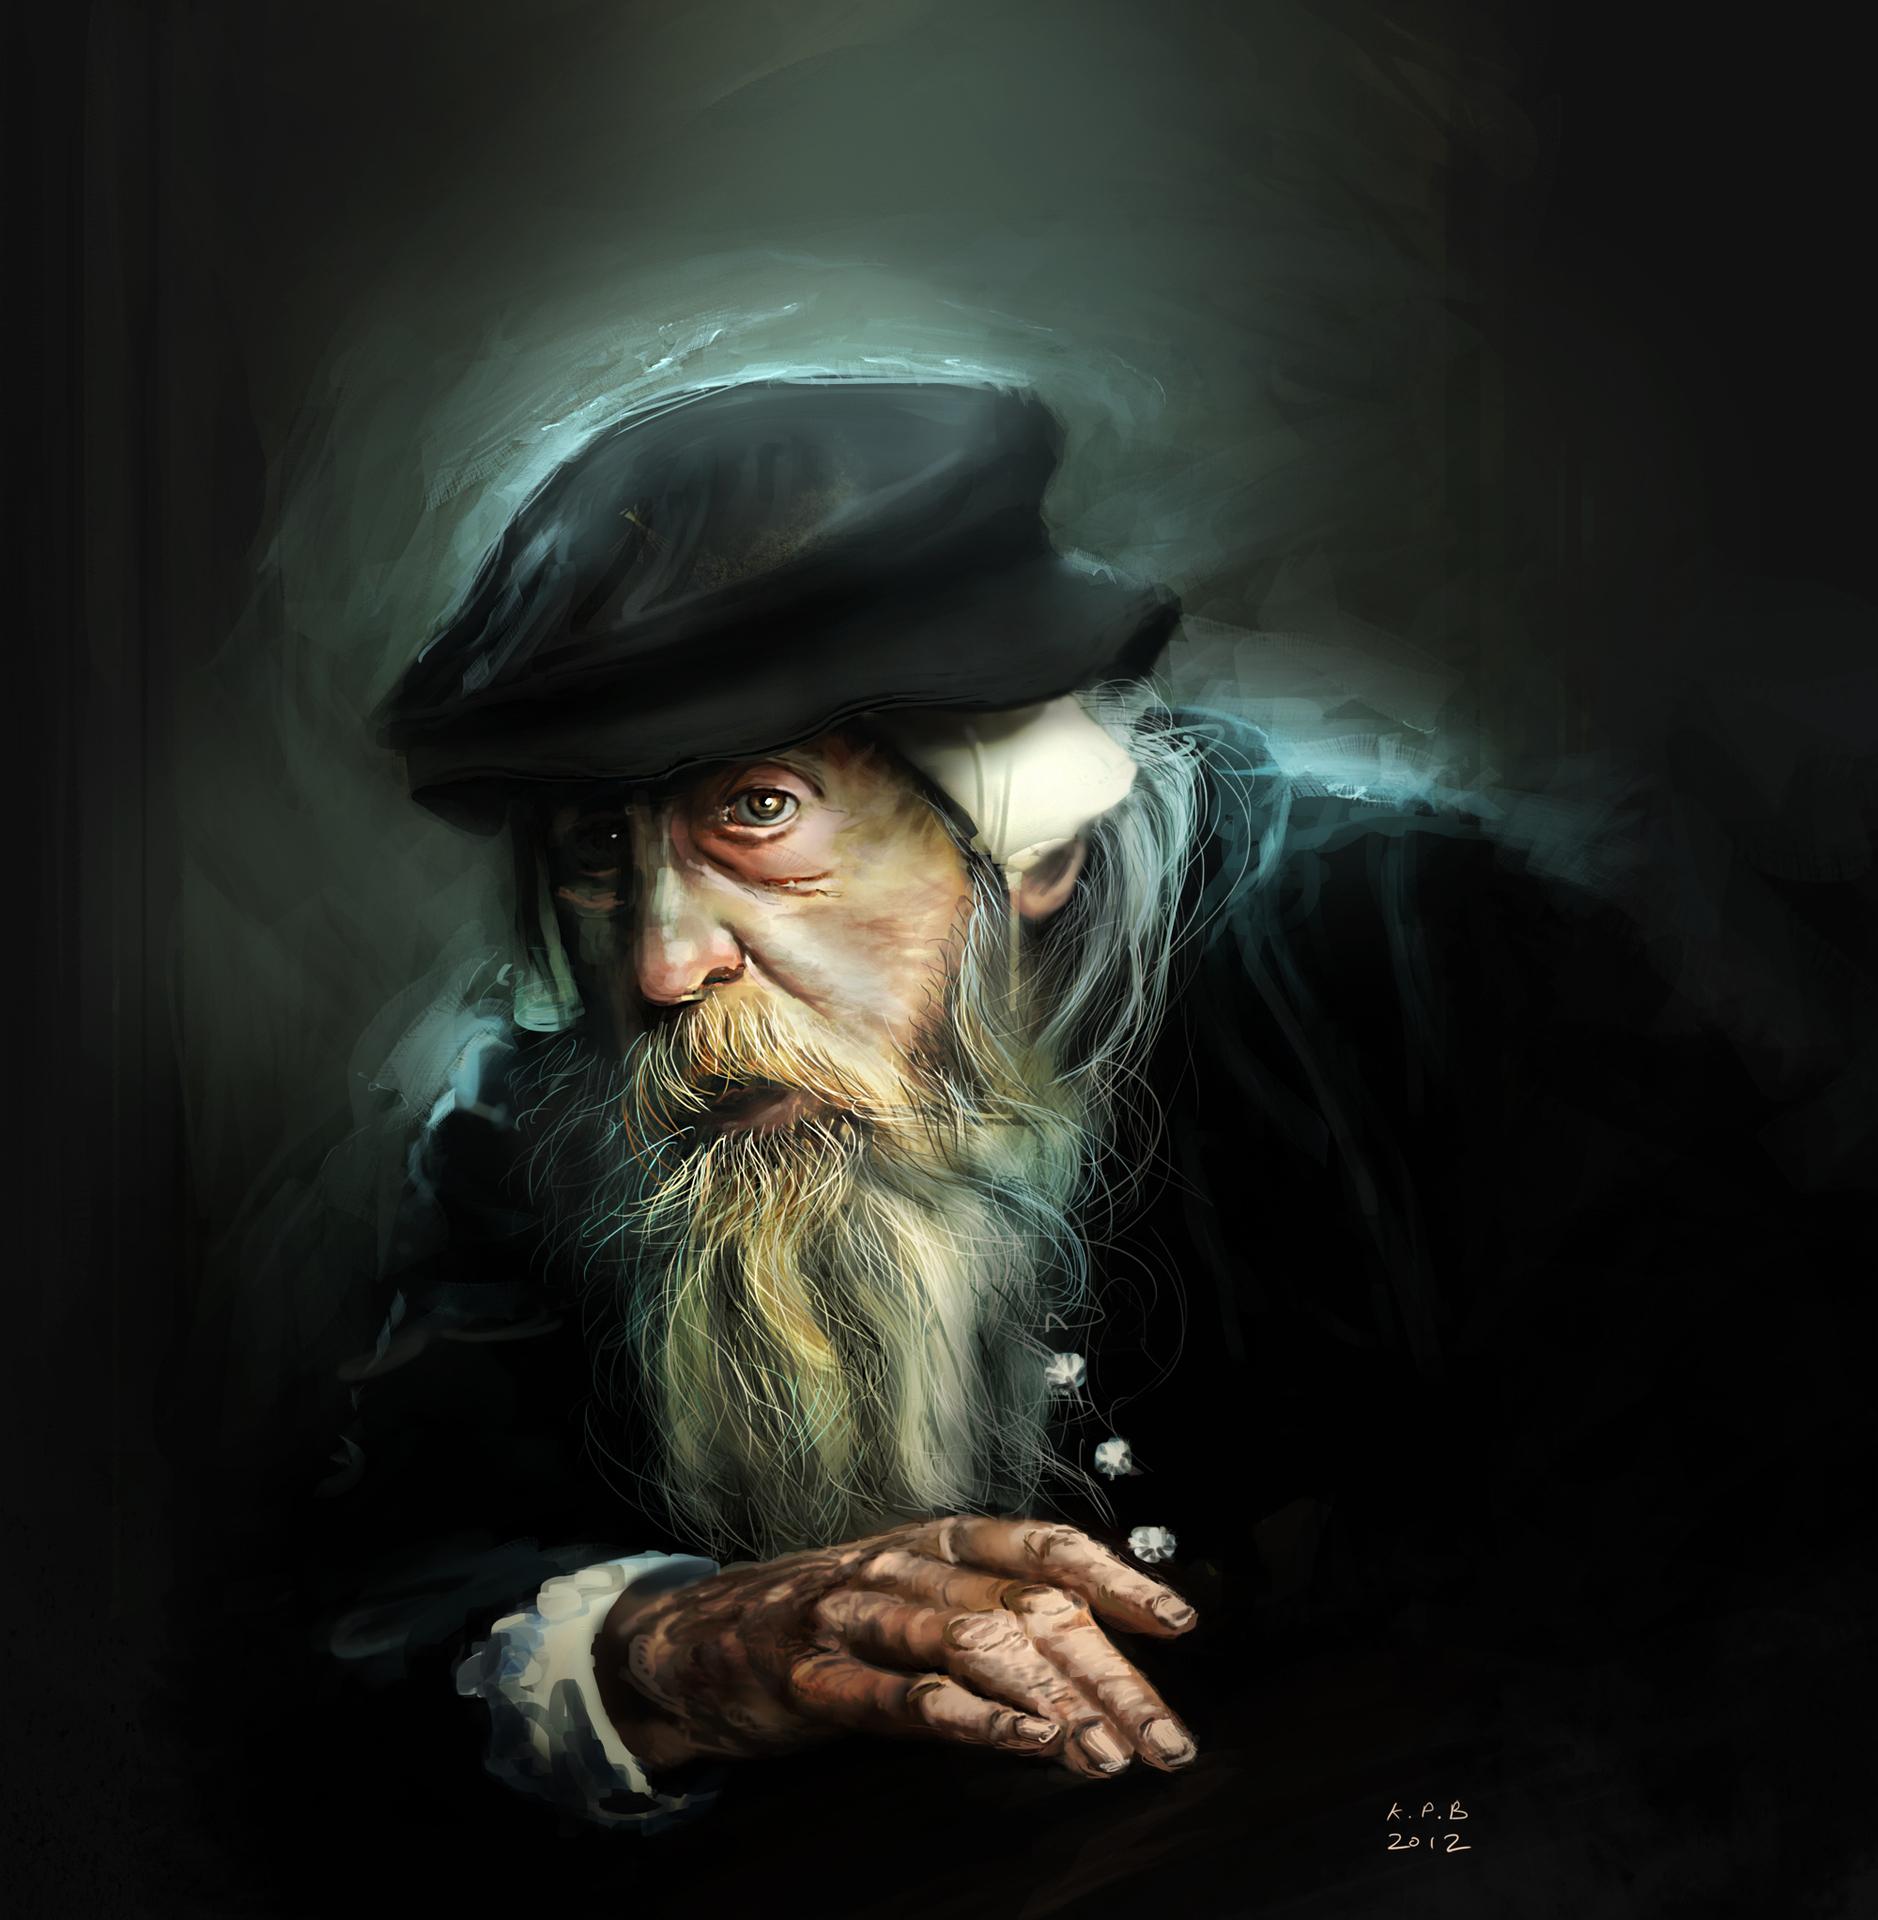 Old man v006